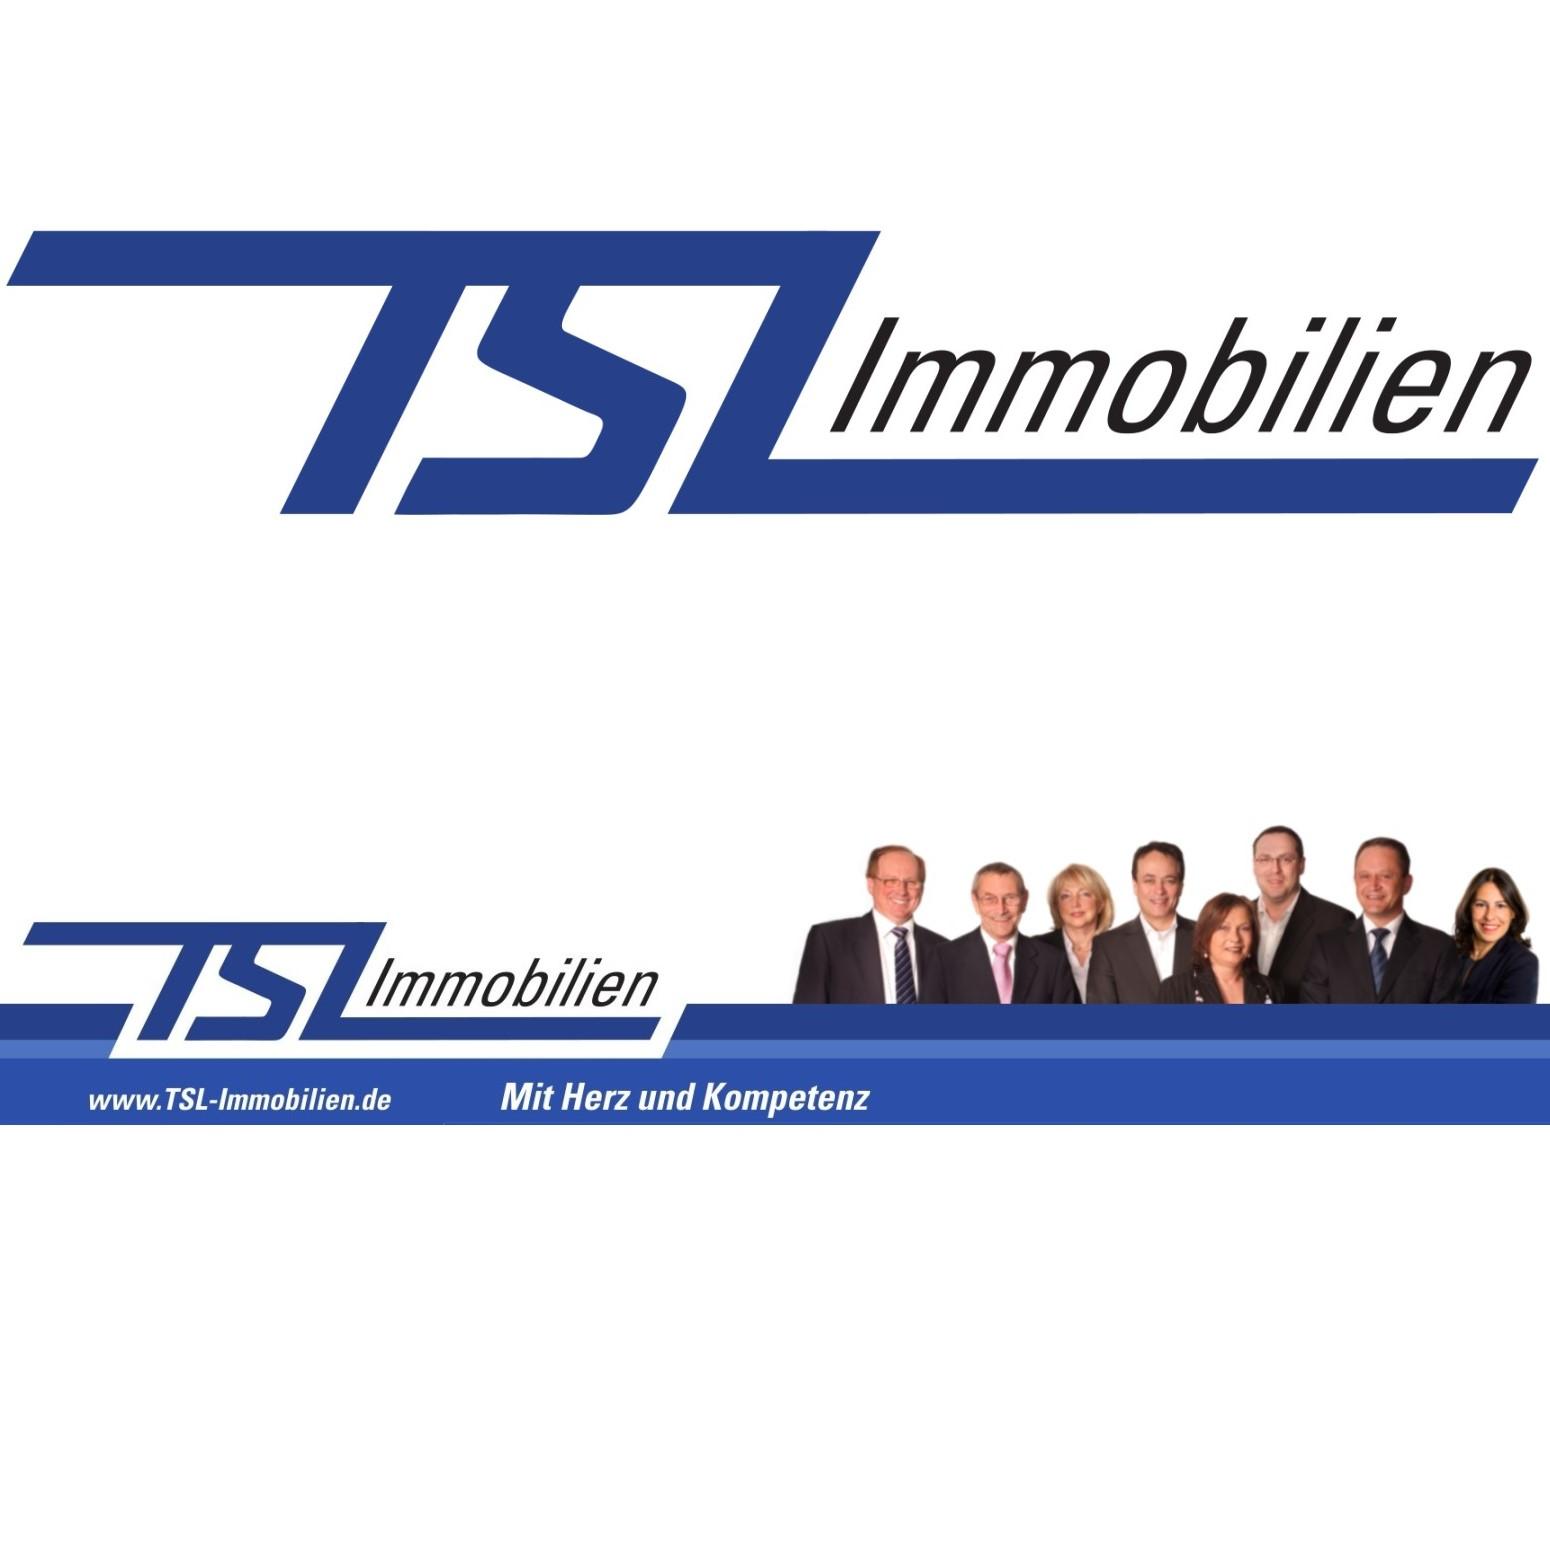 Hier sehen Sie das Logo von TSL Immobilien